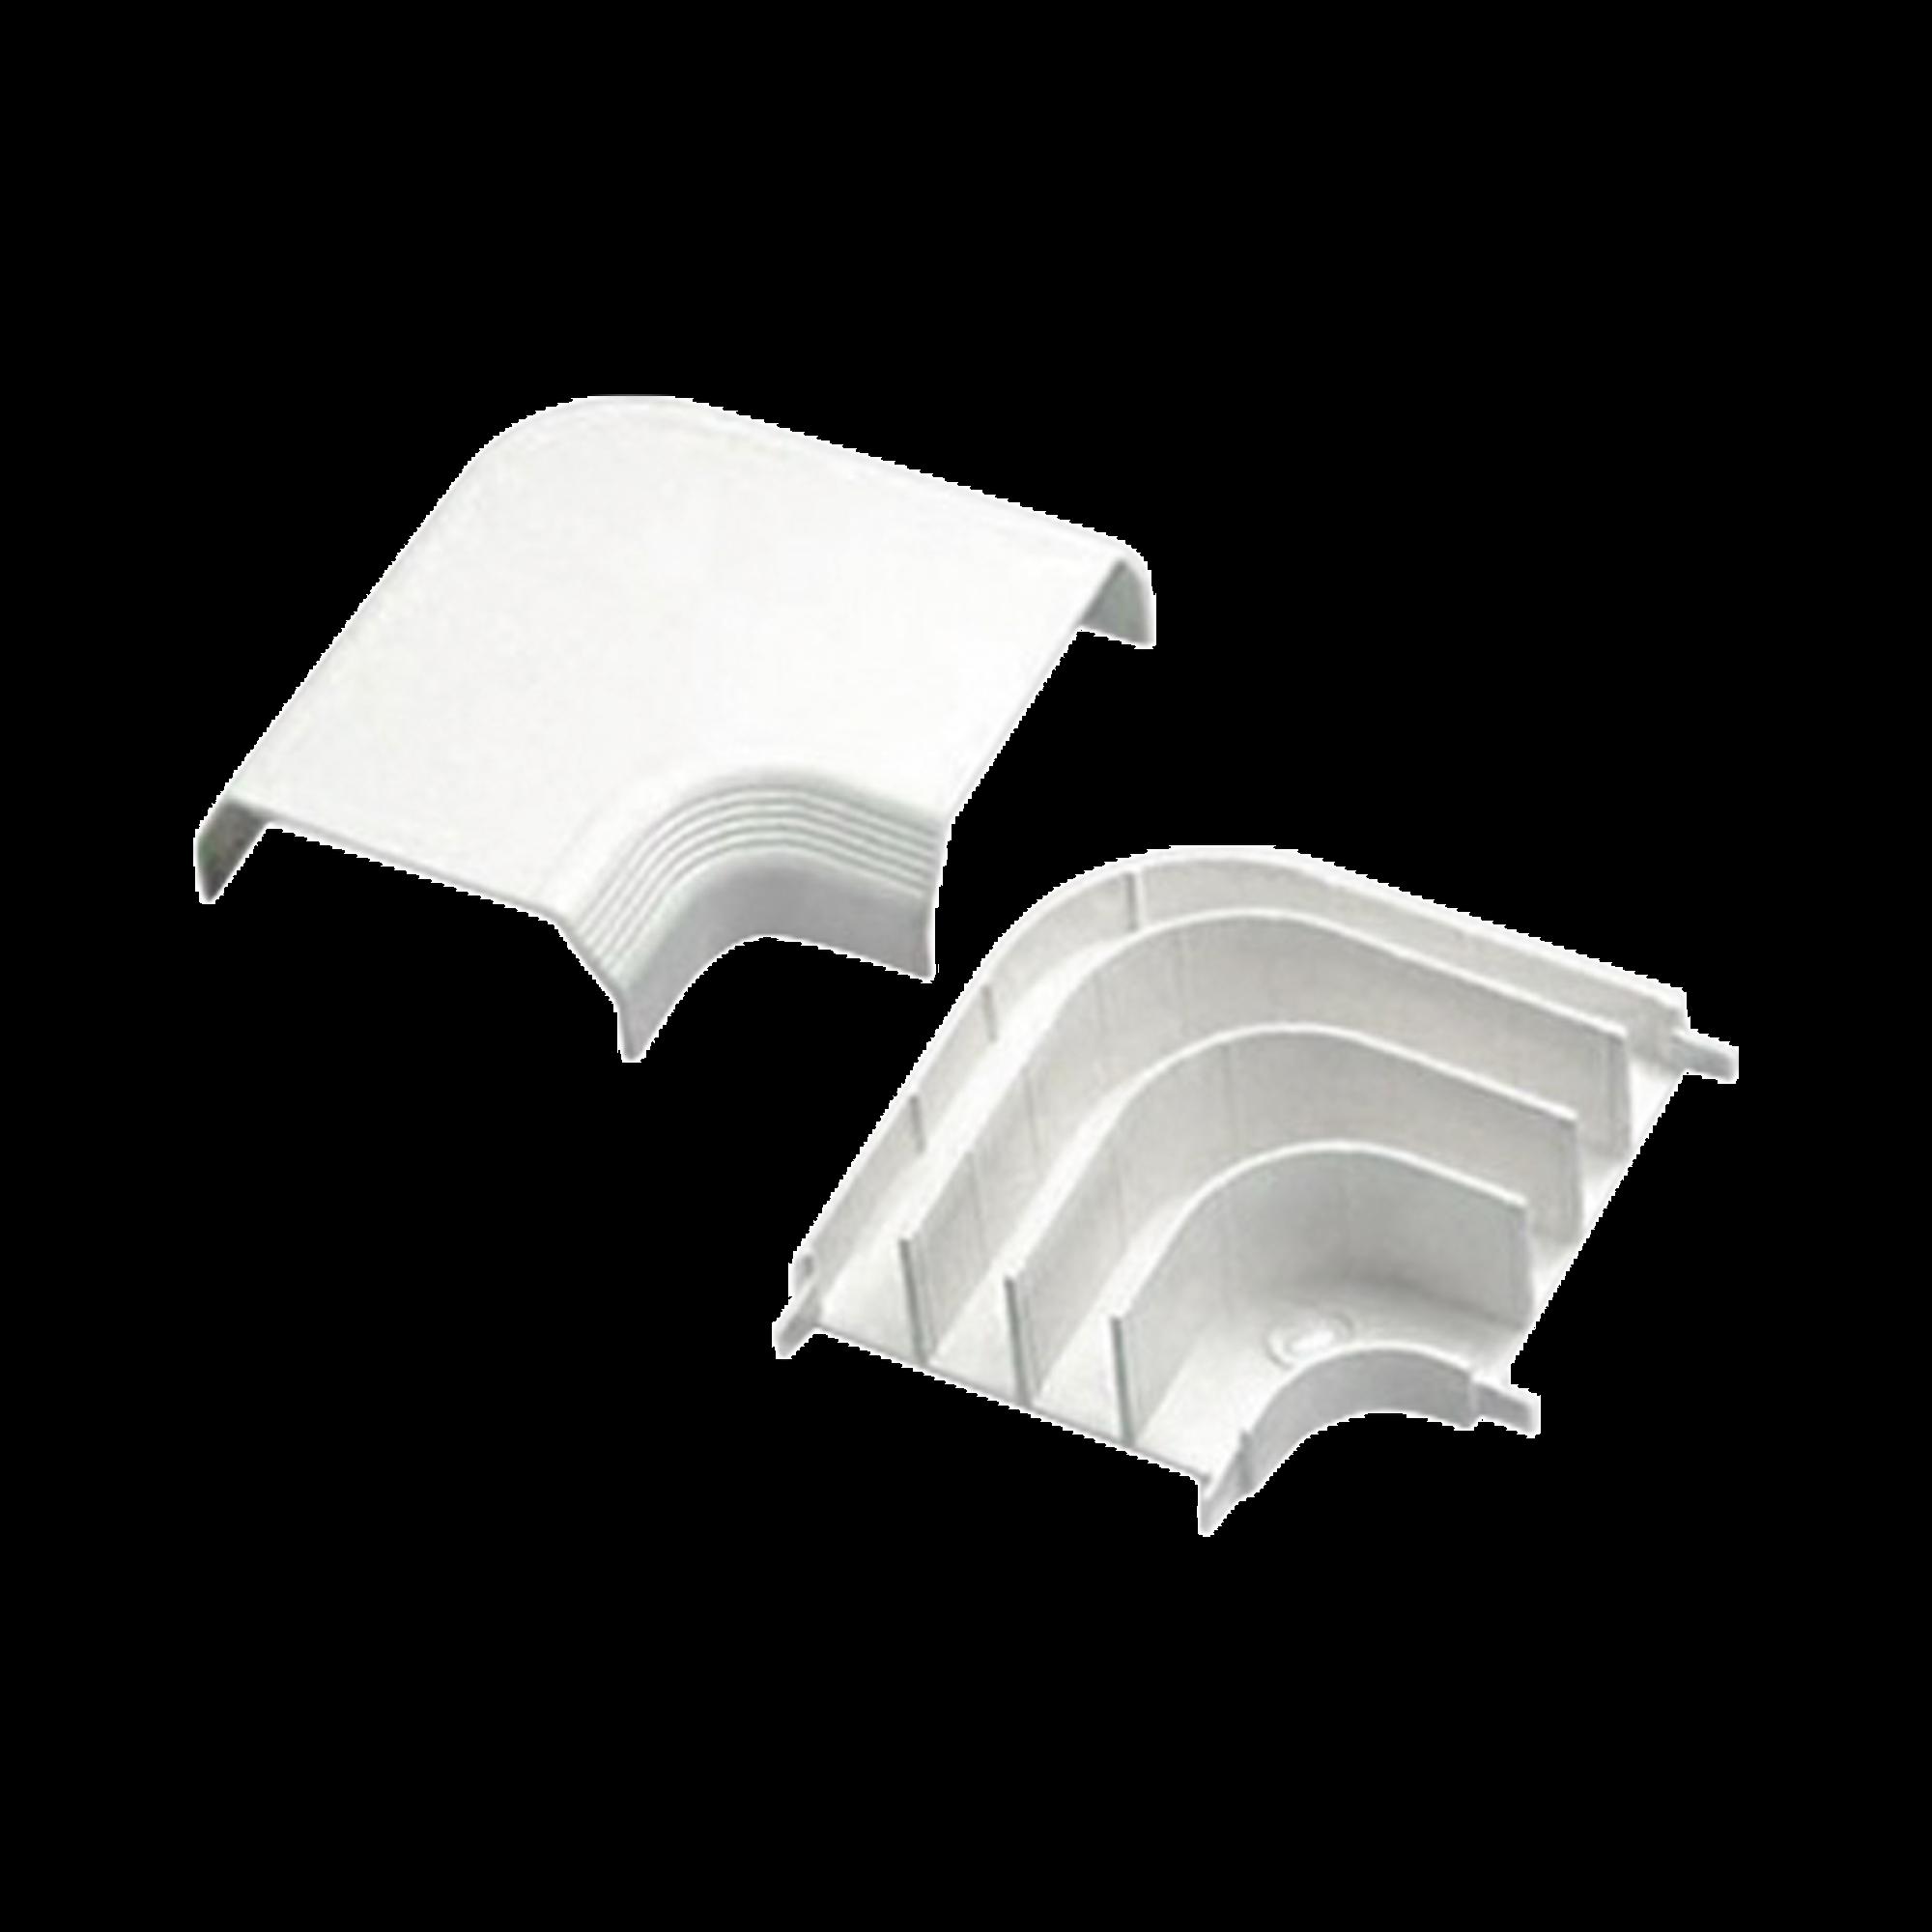 Curva de radio controlado, para uso con canaleta T70, Material PVC Rígido, Color Blanco Mate